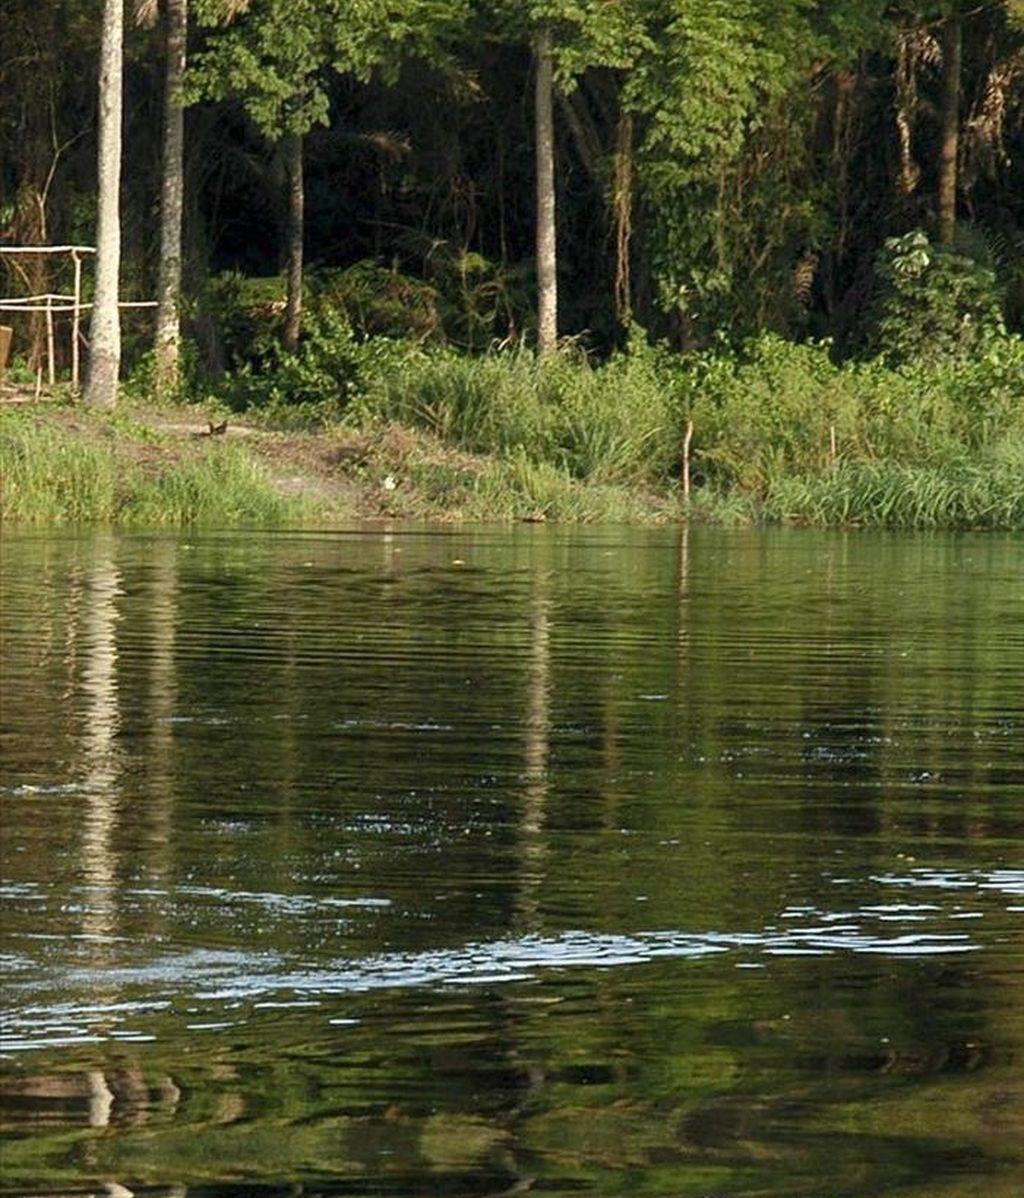 Aproximadamente un centenar de personas han sido dadas por desaparecidas tras el naufragio de un barco en el río Kasai, en el centro de la República Democrática del Congo, informaron fuentes cercanas al gobierno provincial. En la imagen, una parte del río Congo.EFE/Archivo